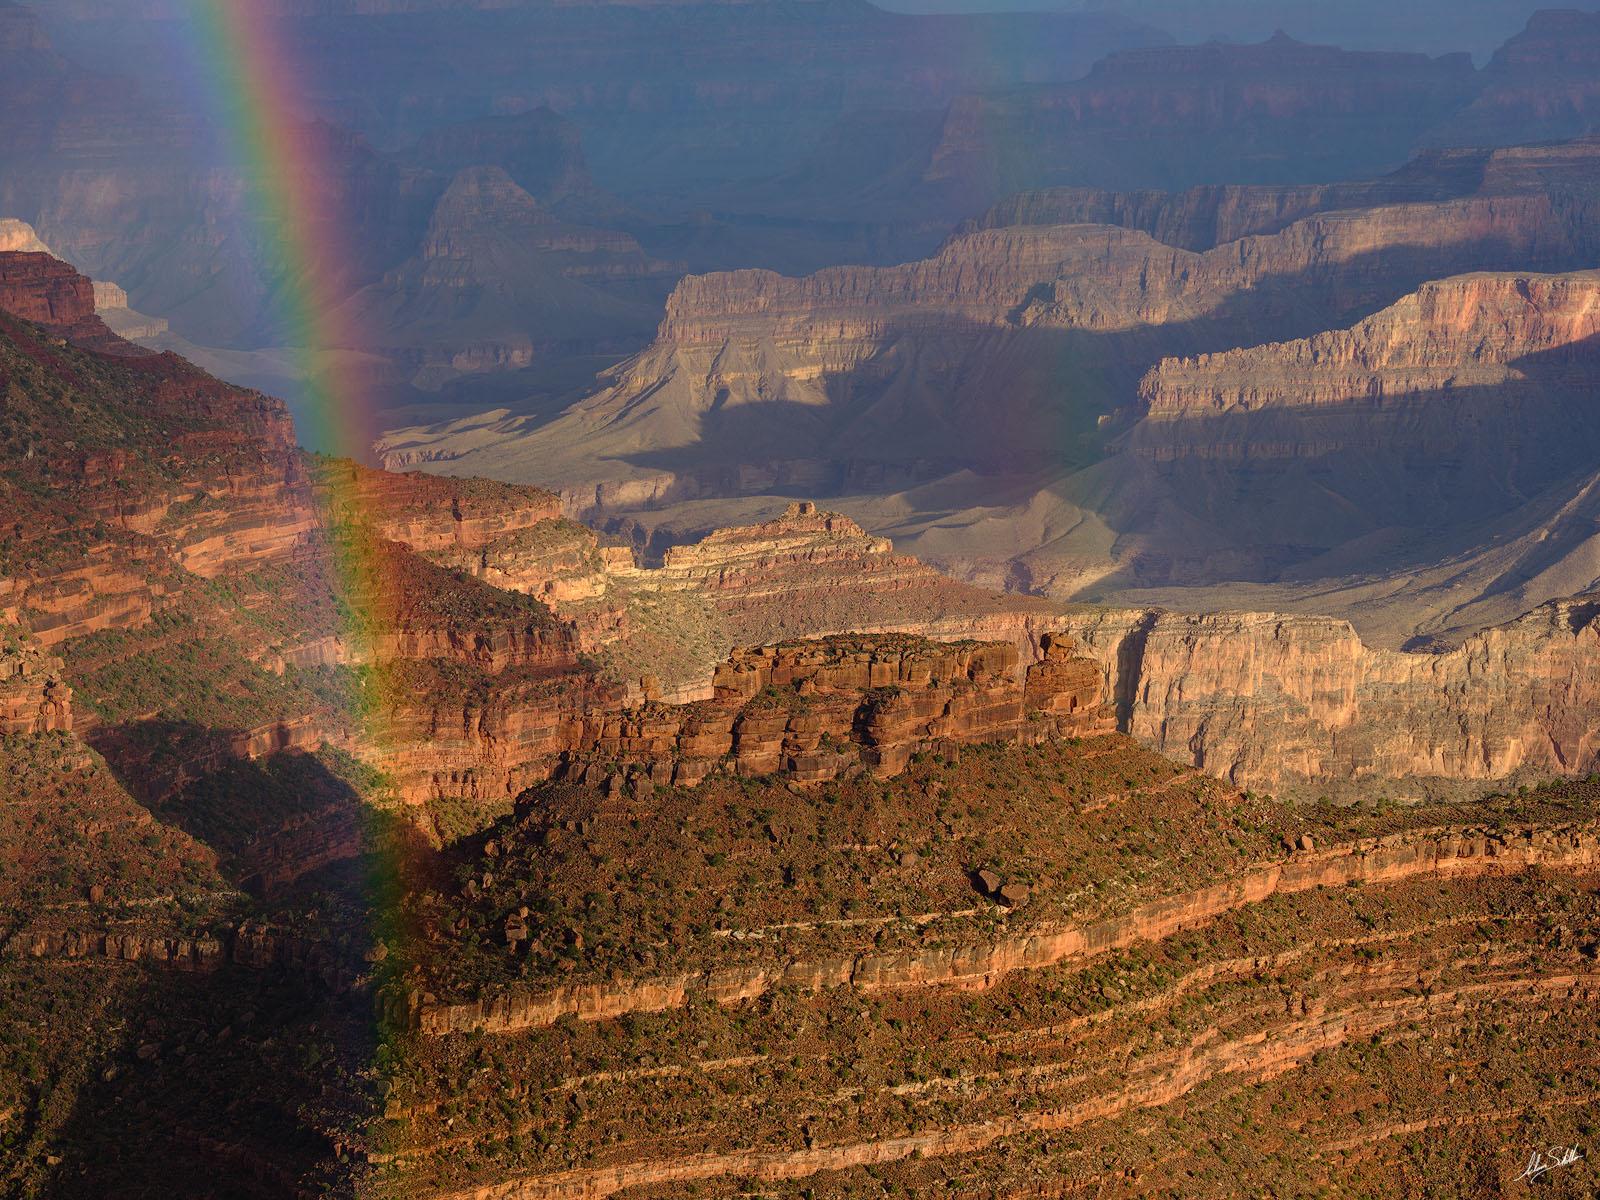 AZ, Arizona, Grand Canyon, Monsoon, National Park, Rainbow, South Rim, The Battleship, Yavapai Point, photo